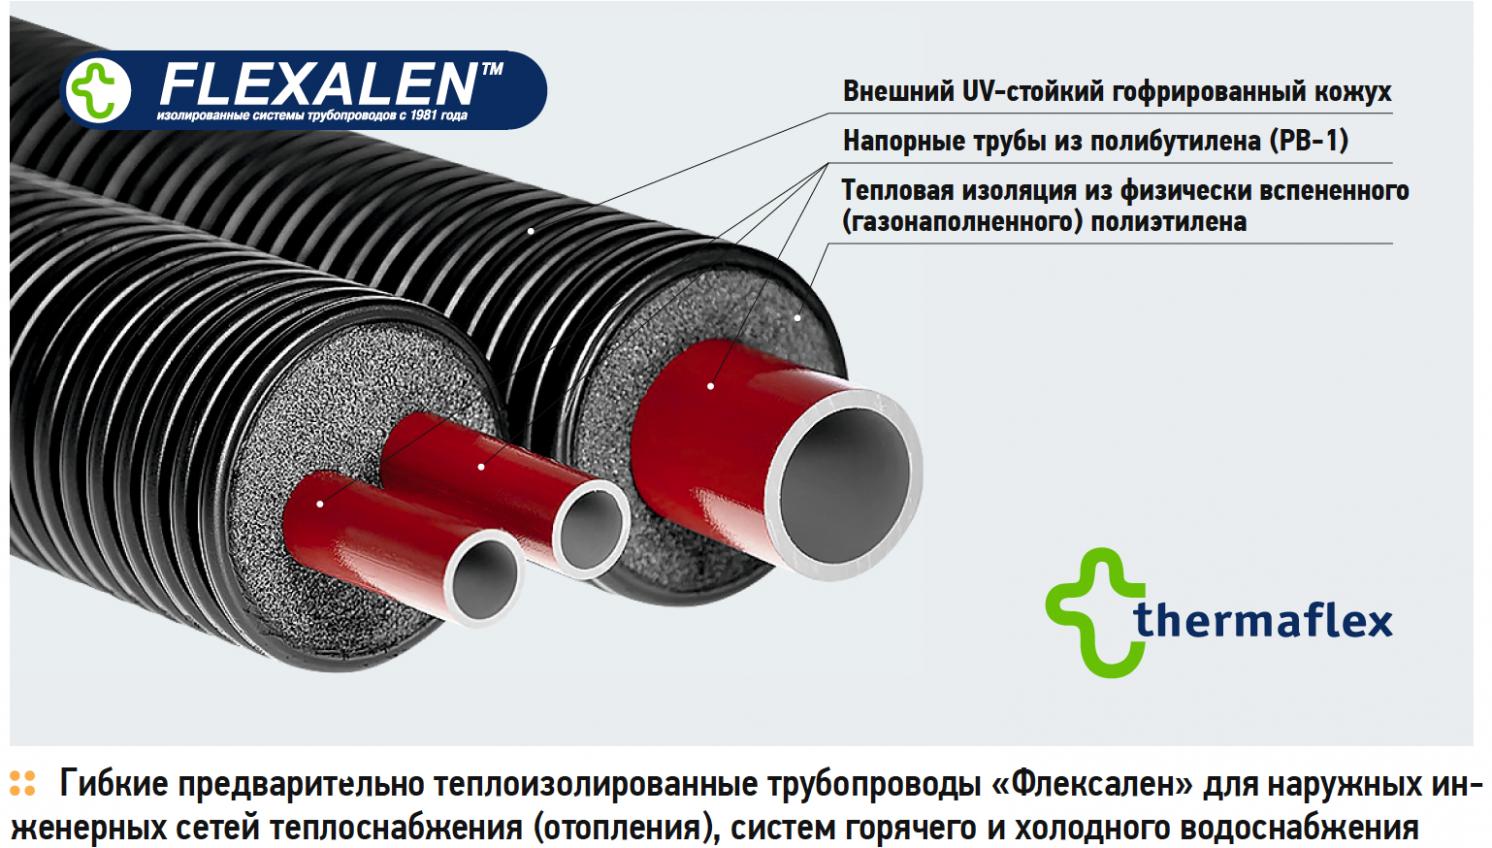 Гибкие предварительно теплоизолированные трубопроводы «Флексален» для наружных инженерных сетей теплоснабжения